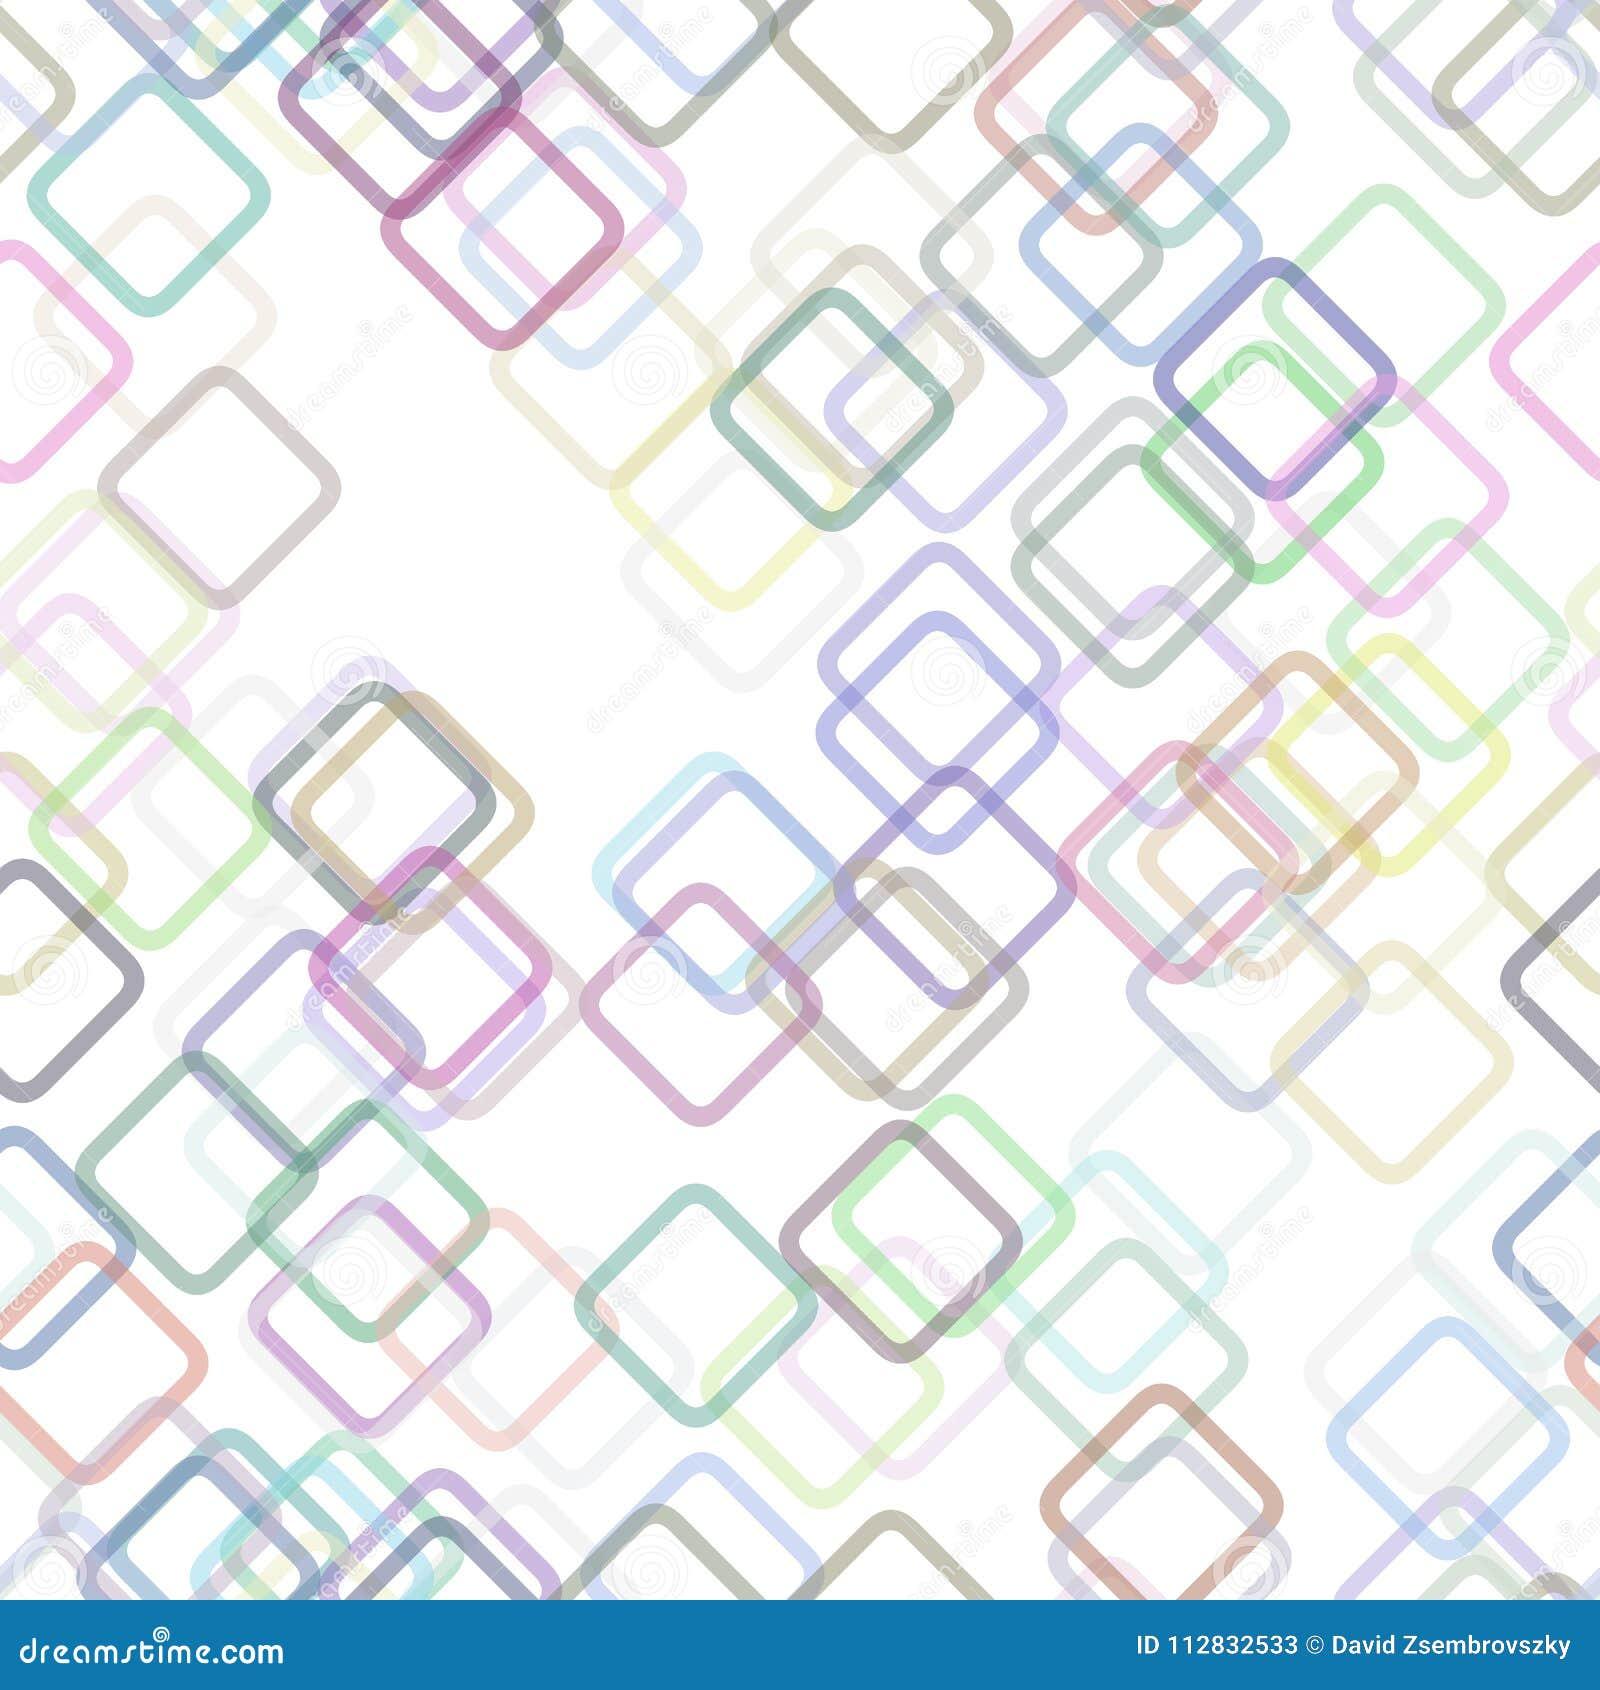 无缝的几何方形的背景样式-从任意对角正方形的向量图形与不透明作用